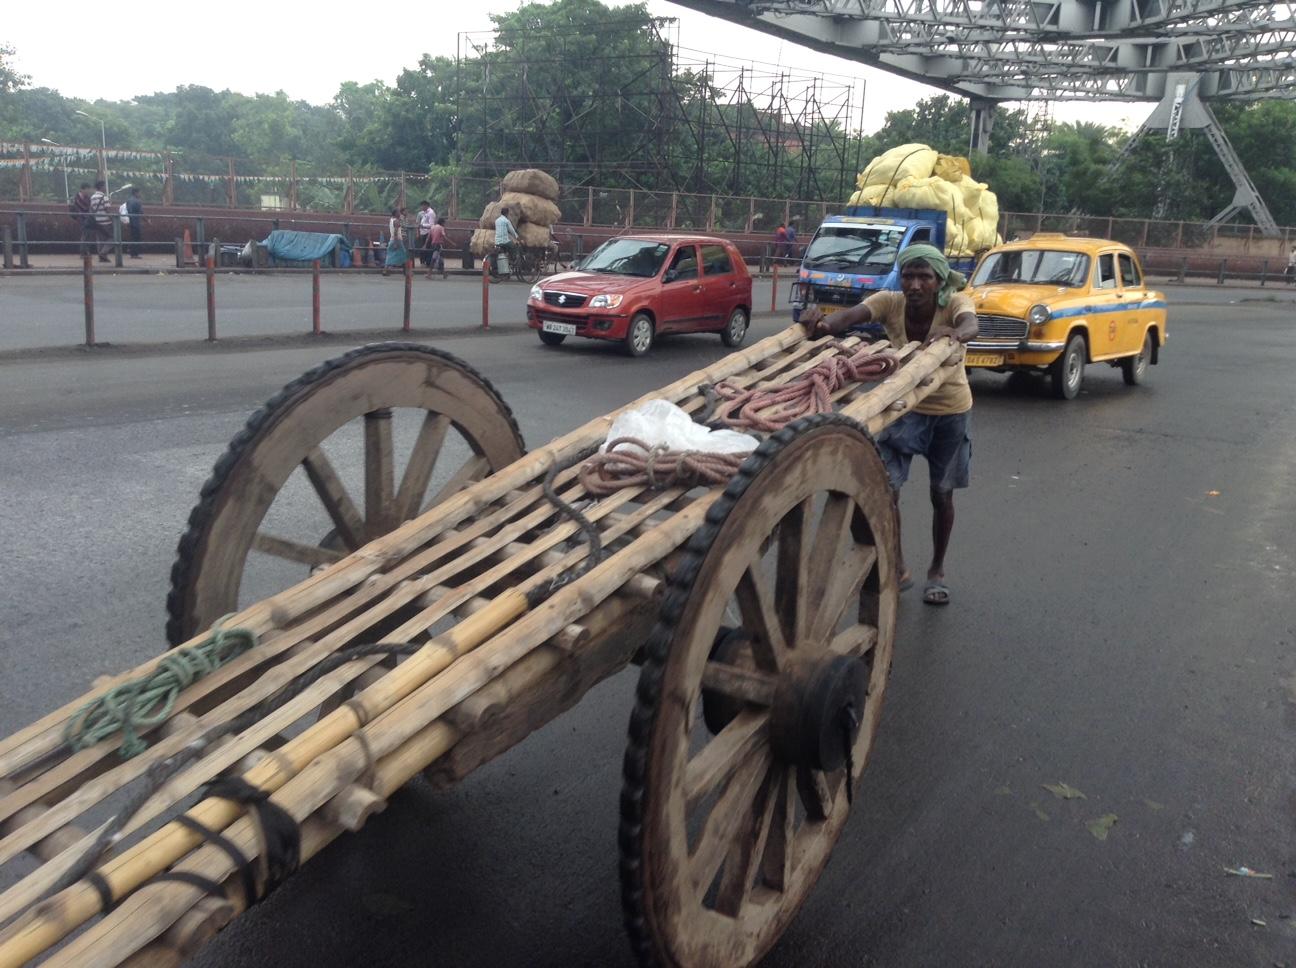 O Calcutta